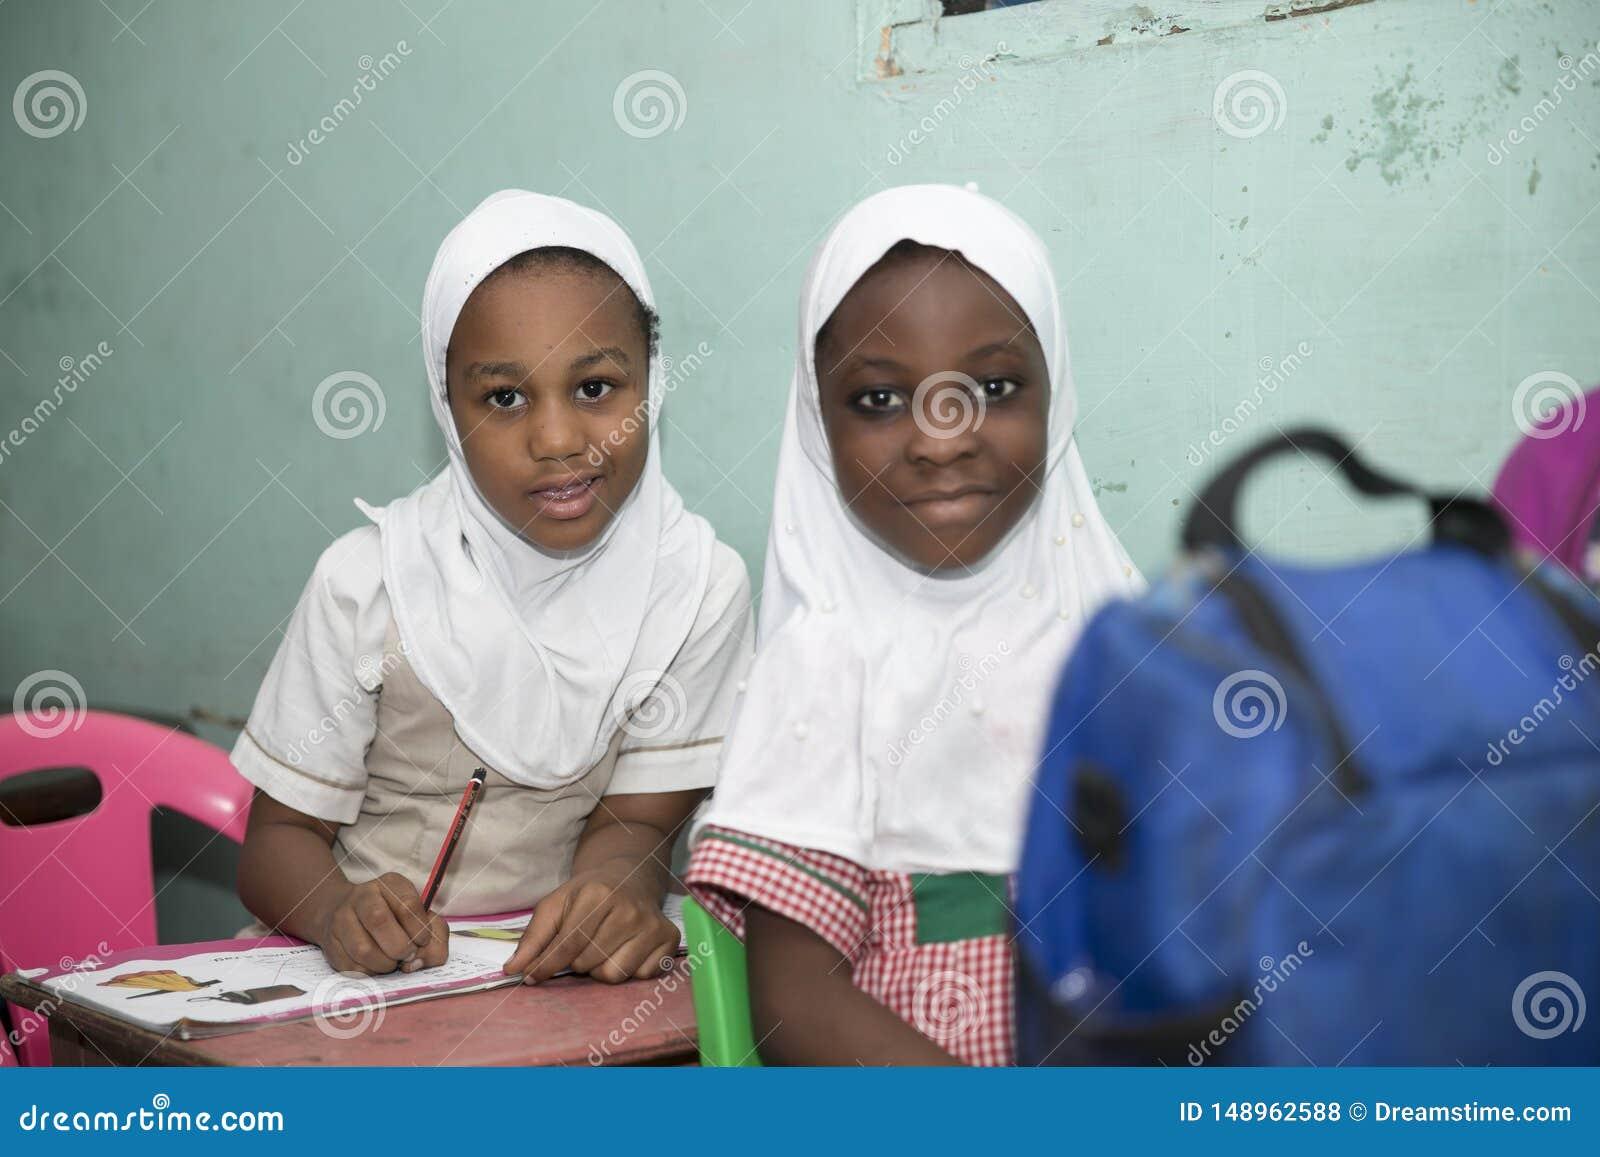 Moslemische Grundschule-Kinder von Ghana, West-Afrika